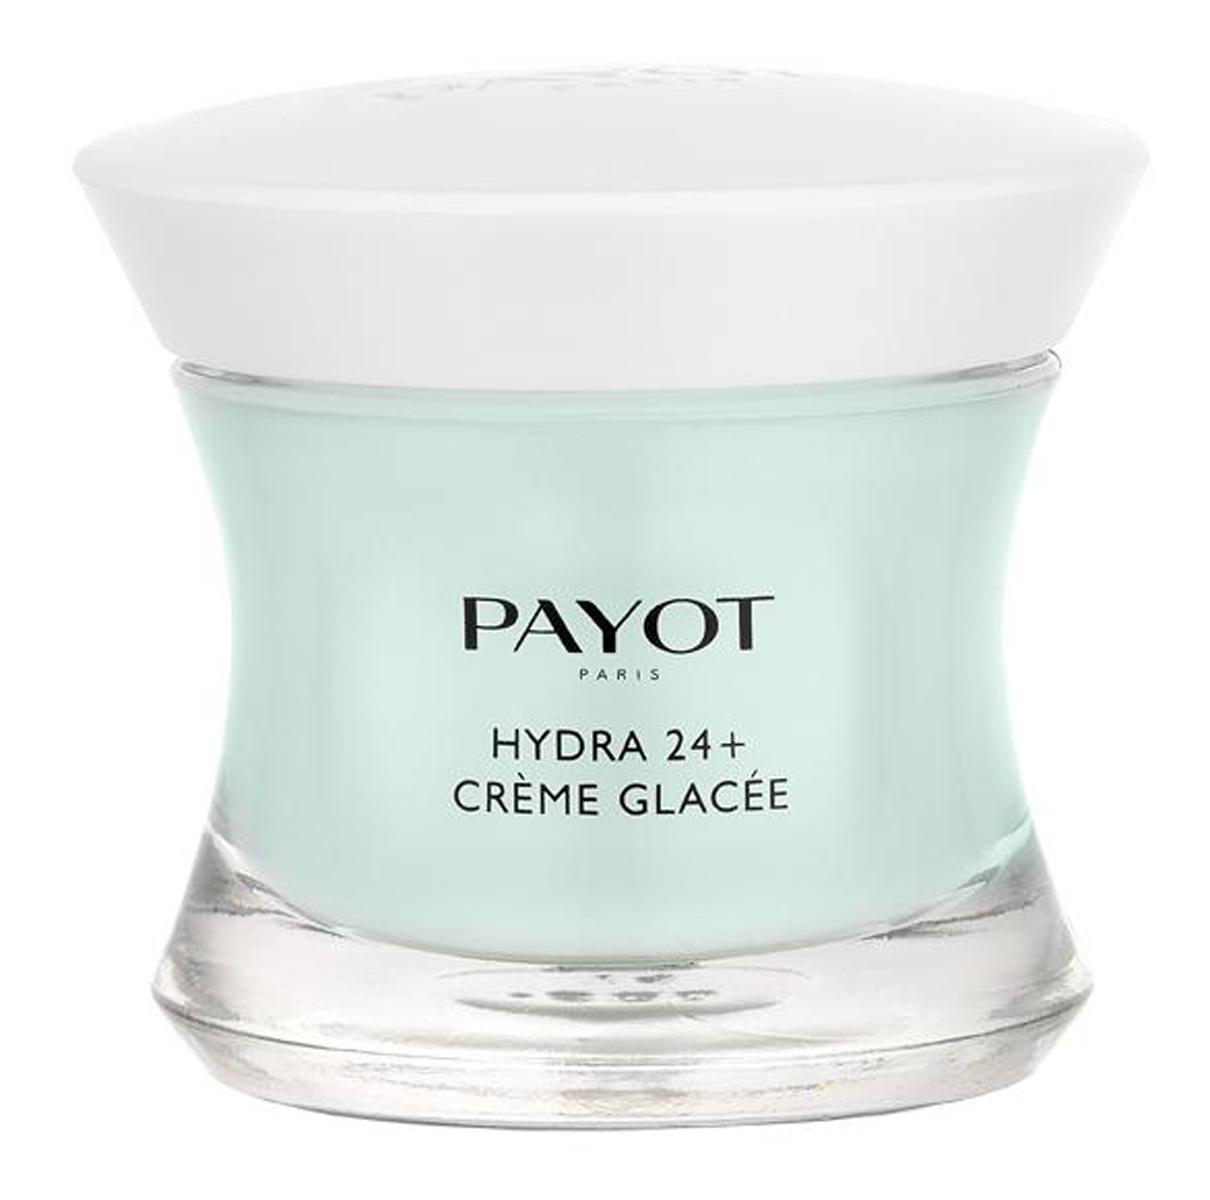 Payot Hydra 24+ Увлажняющий крем, возвращающий контур коже, 50 мл payot hydra 24 увлажняющий бальзам стик для губ 4 мл